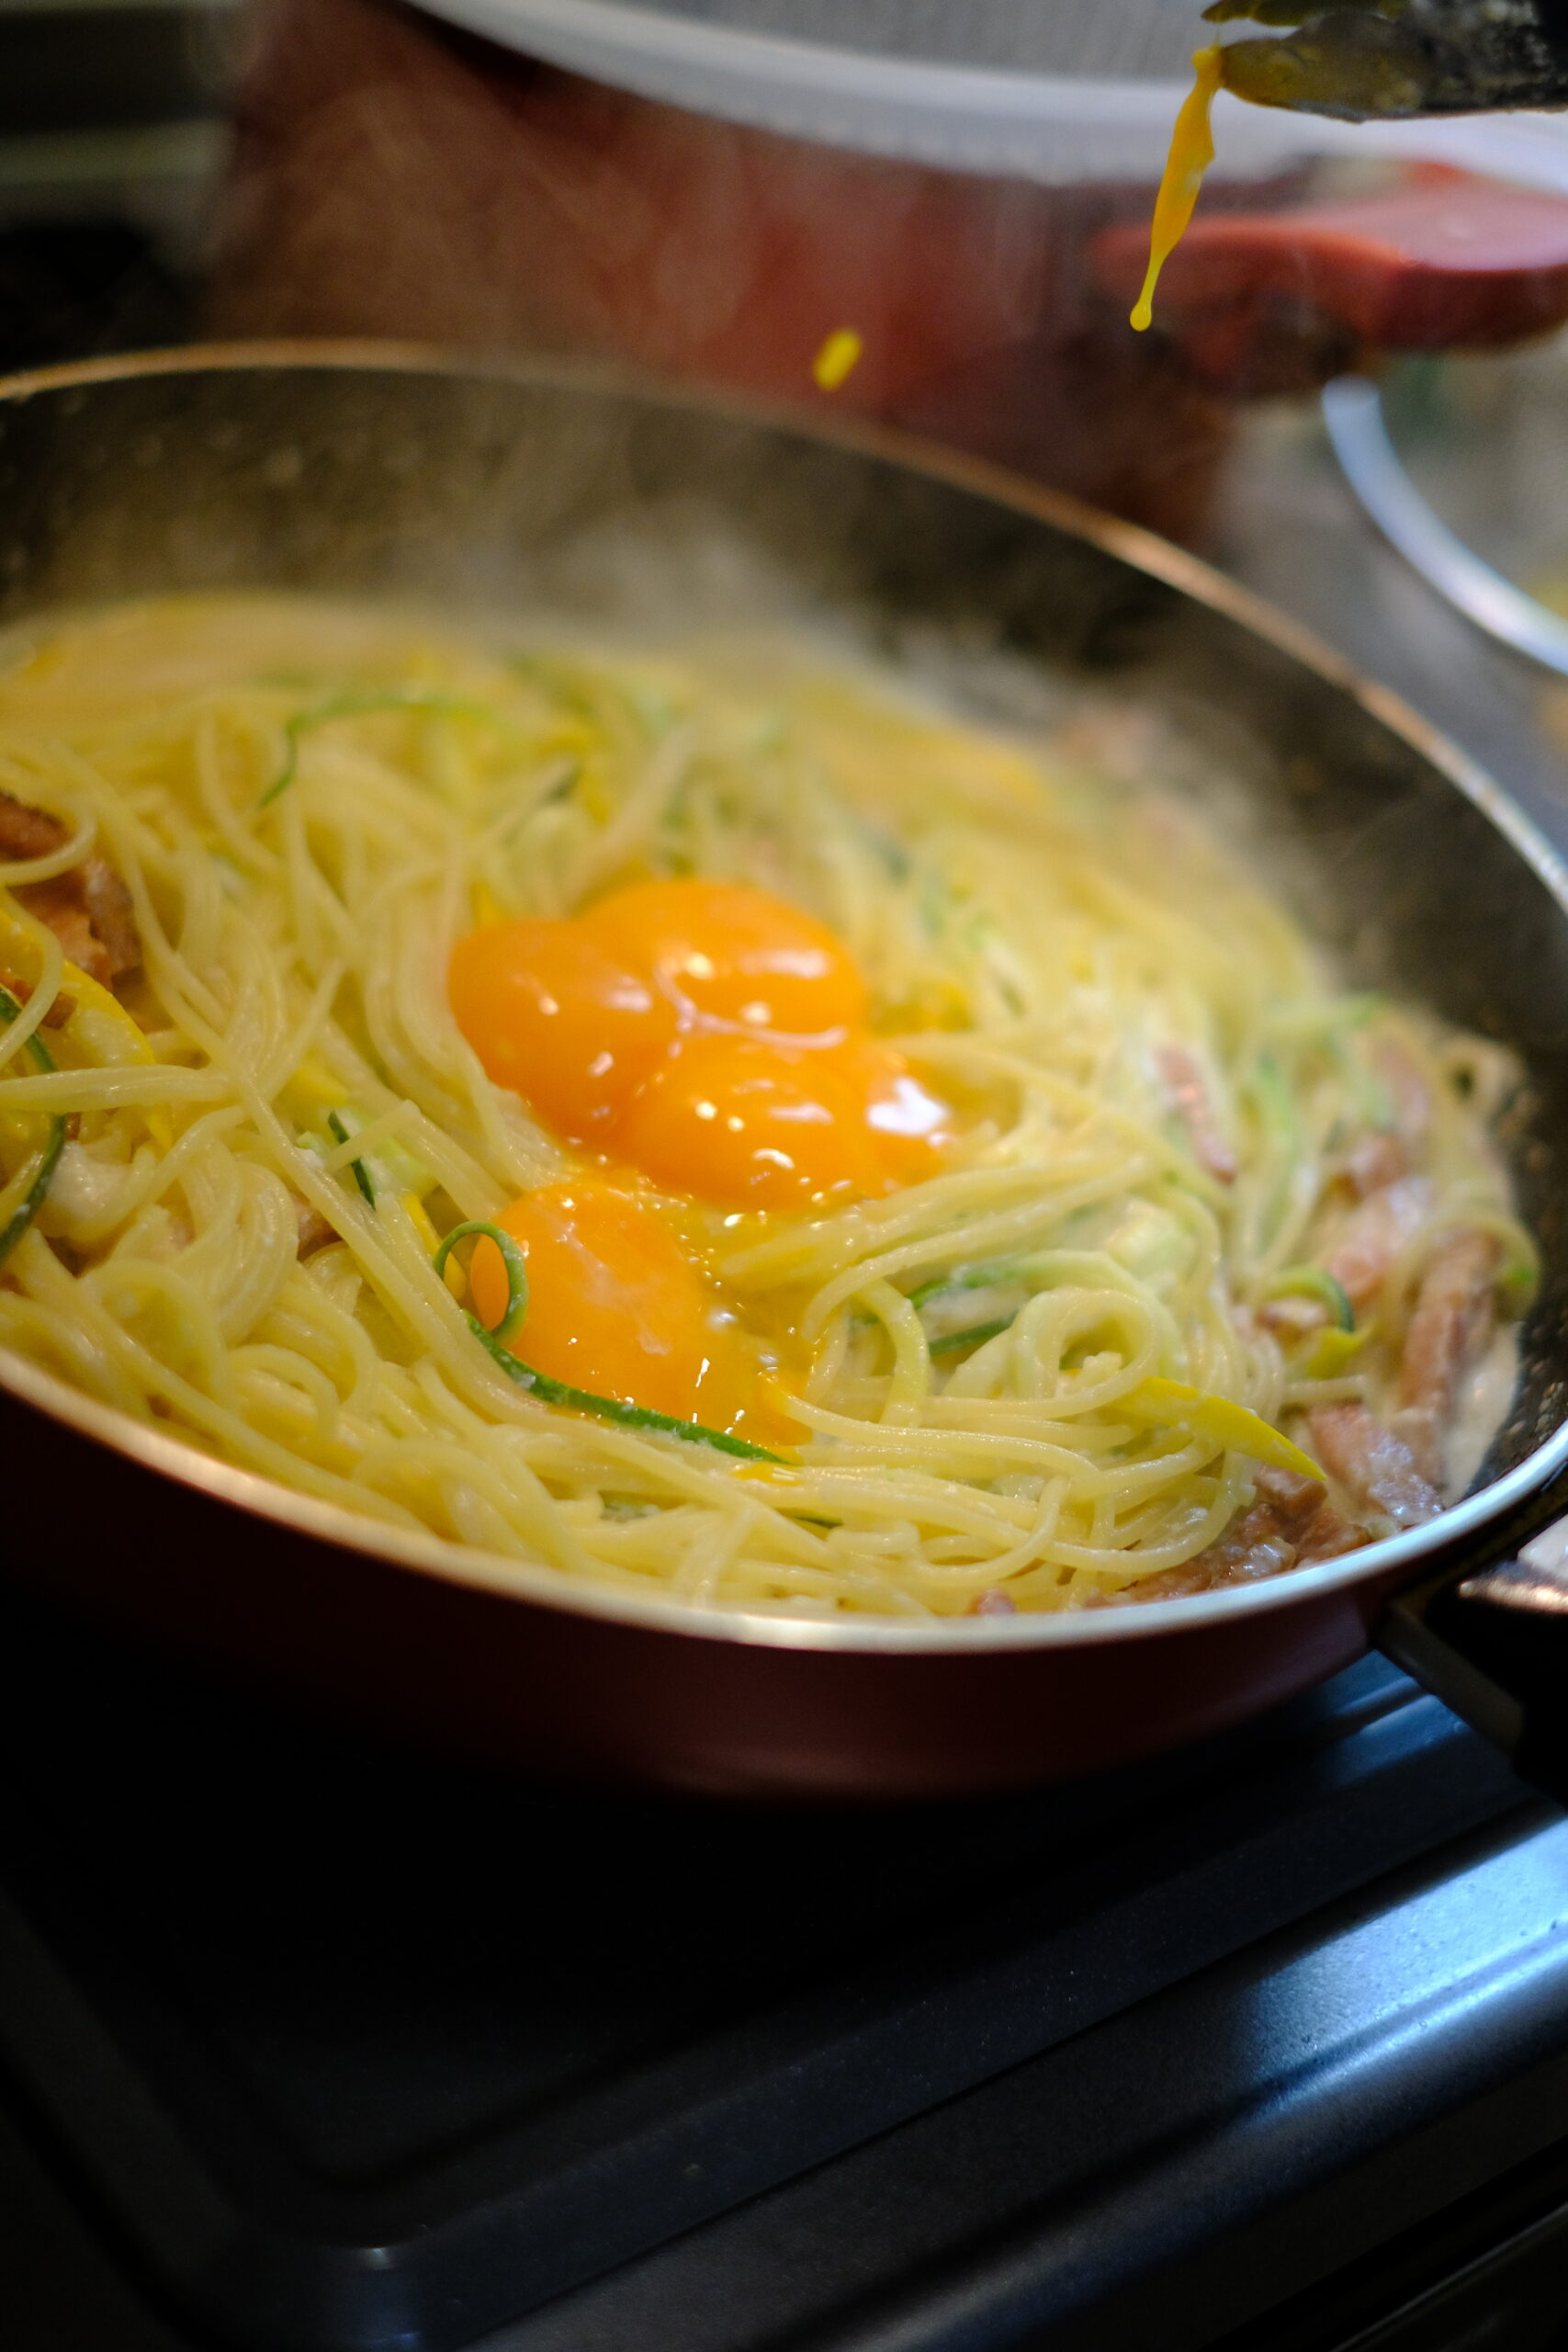 フライパンに卵黄を加えたようすの画像です